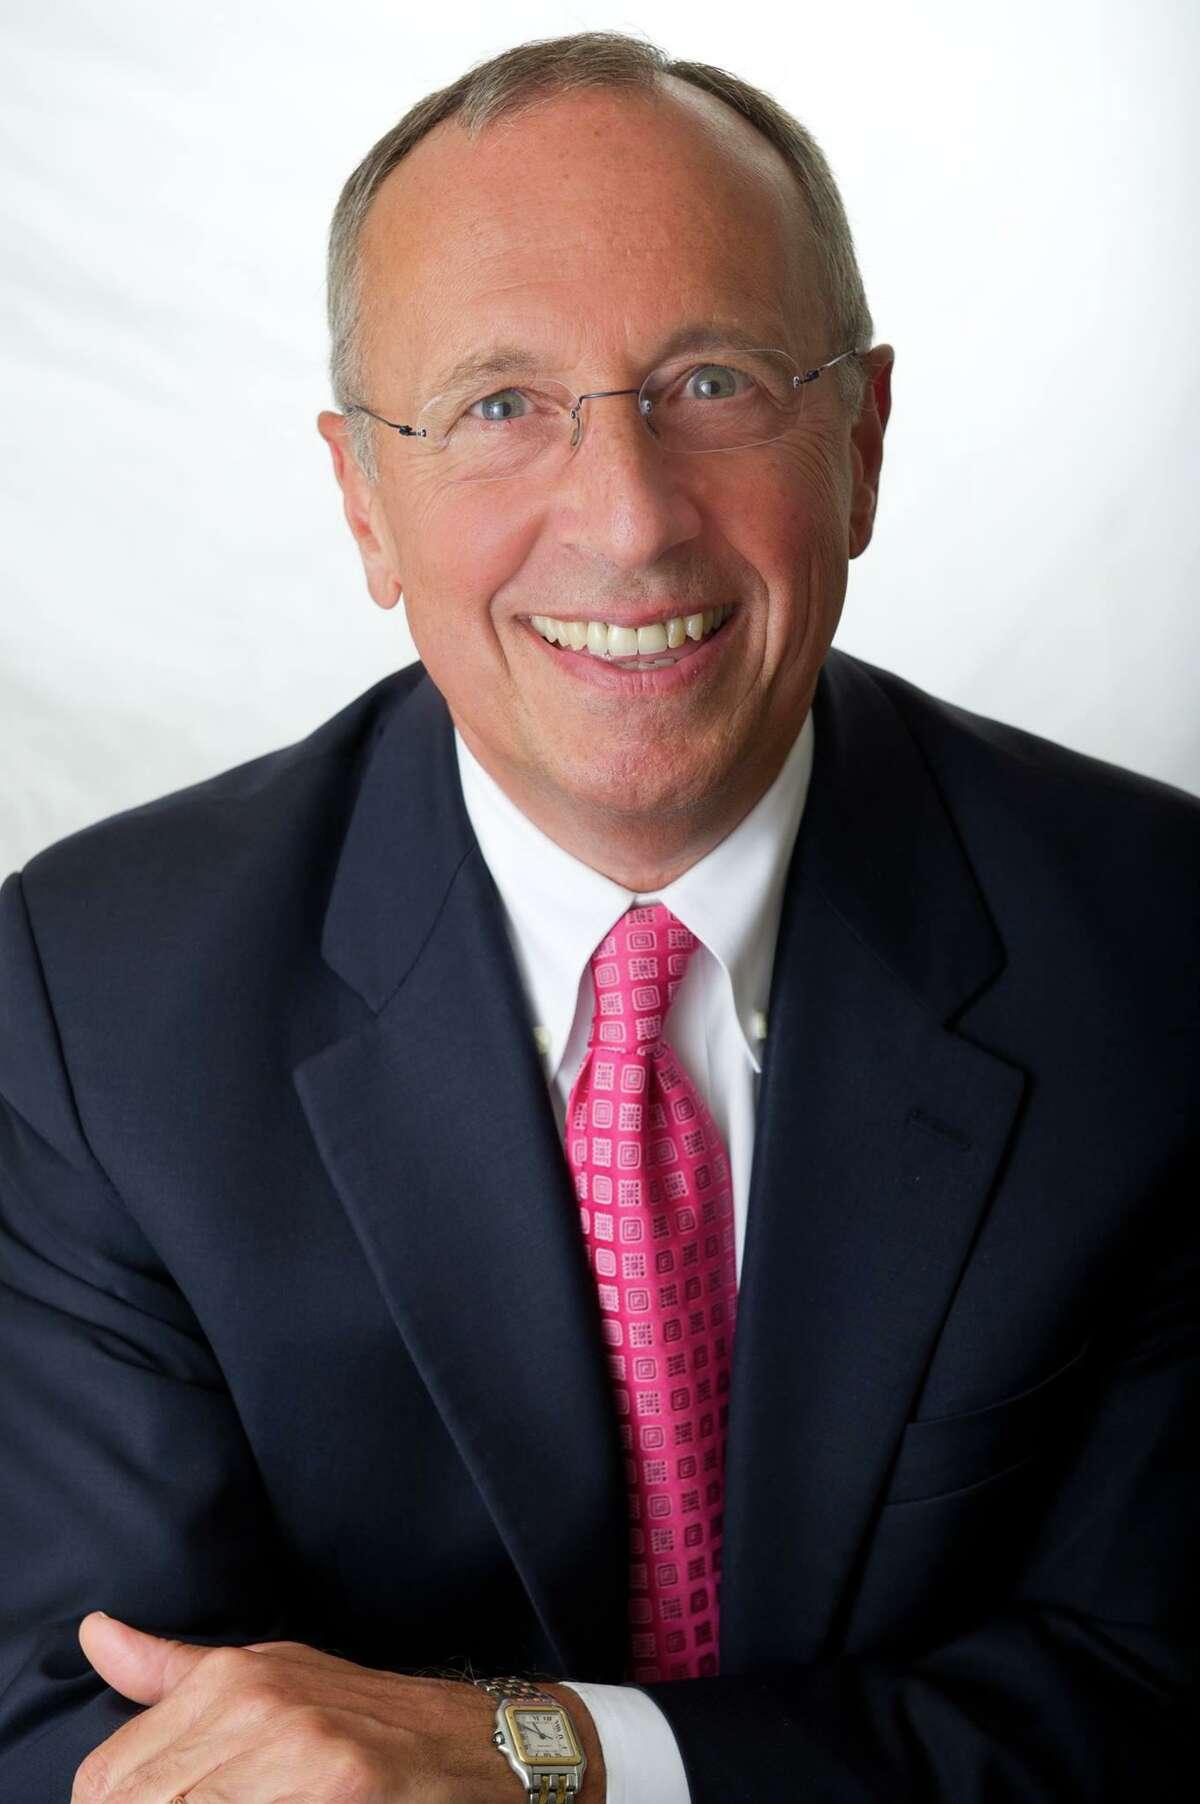 Joe Scozzafava